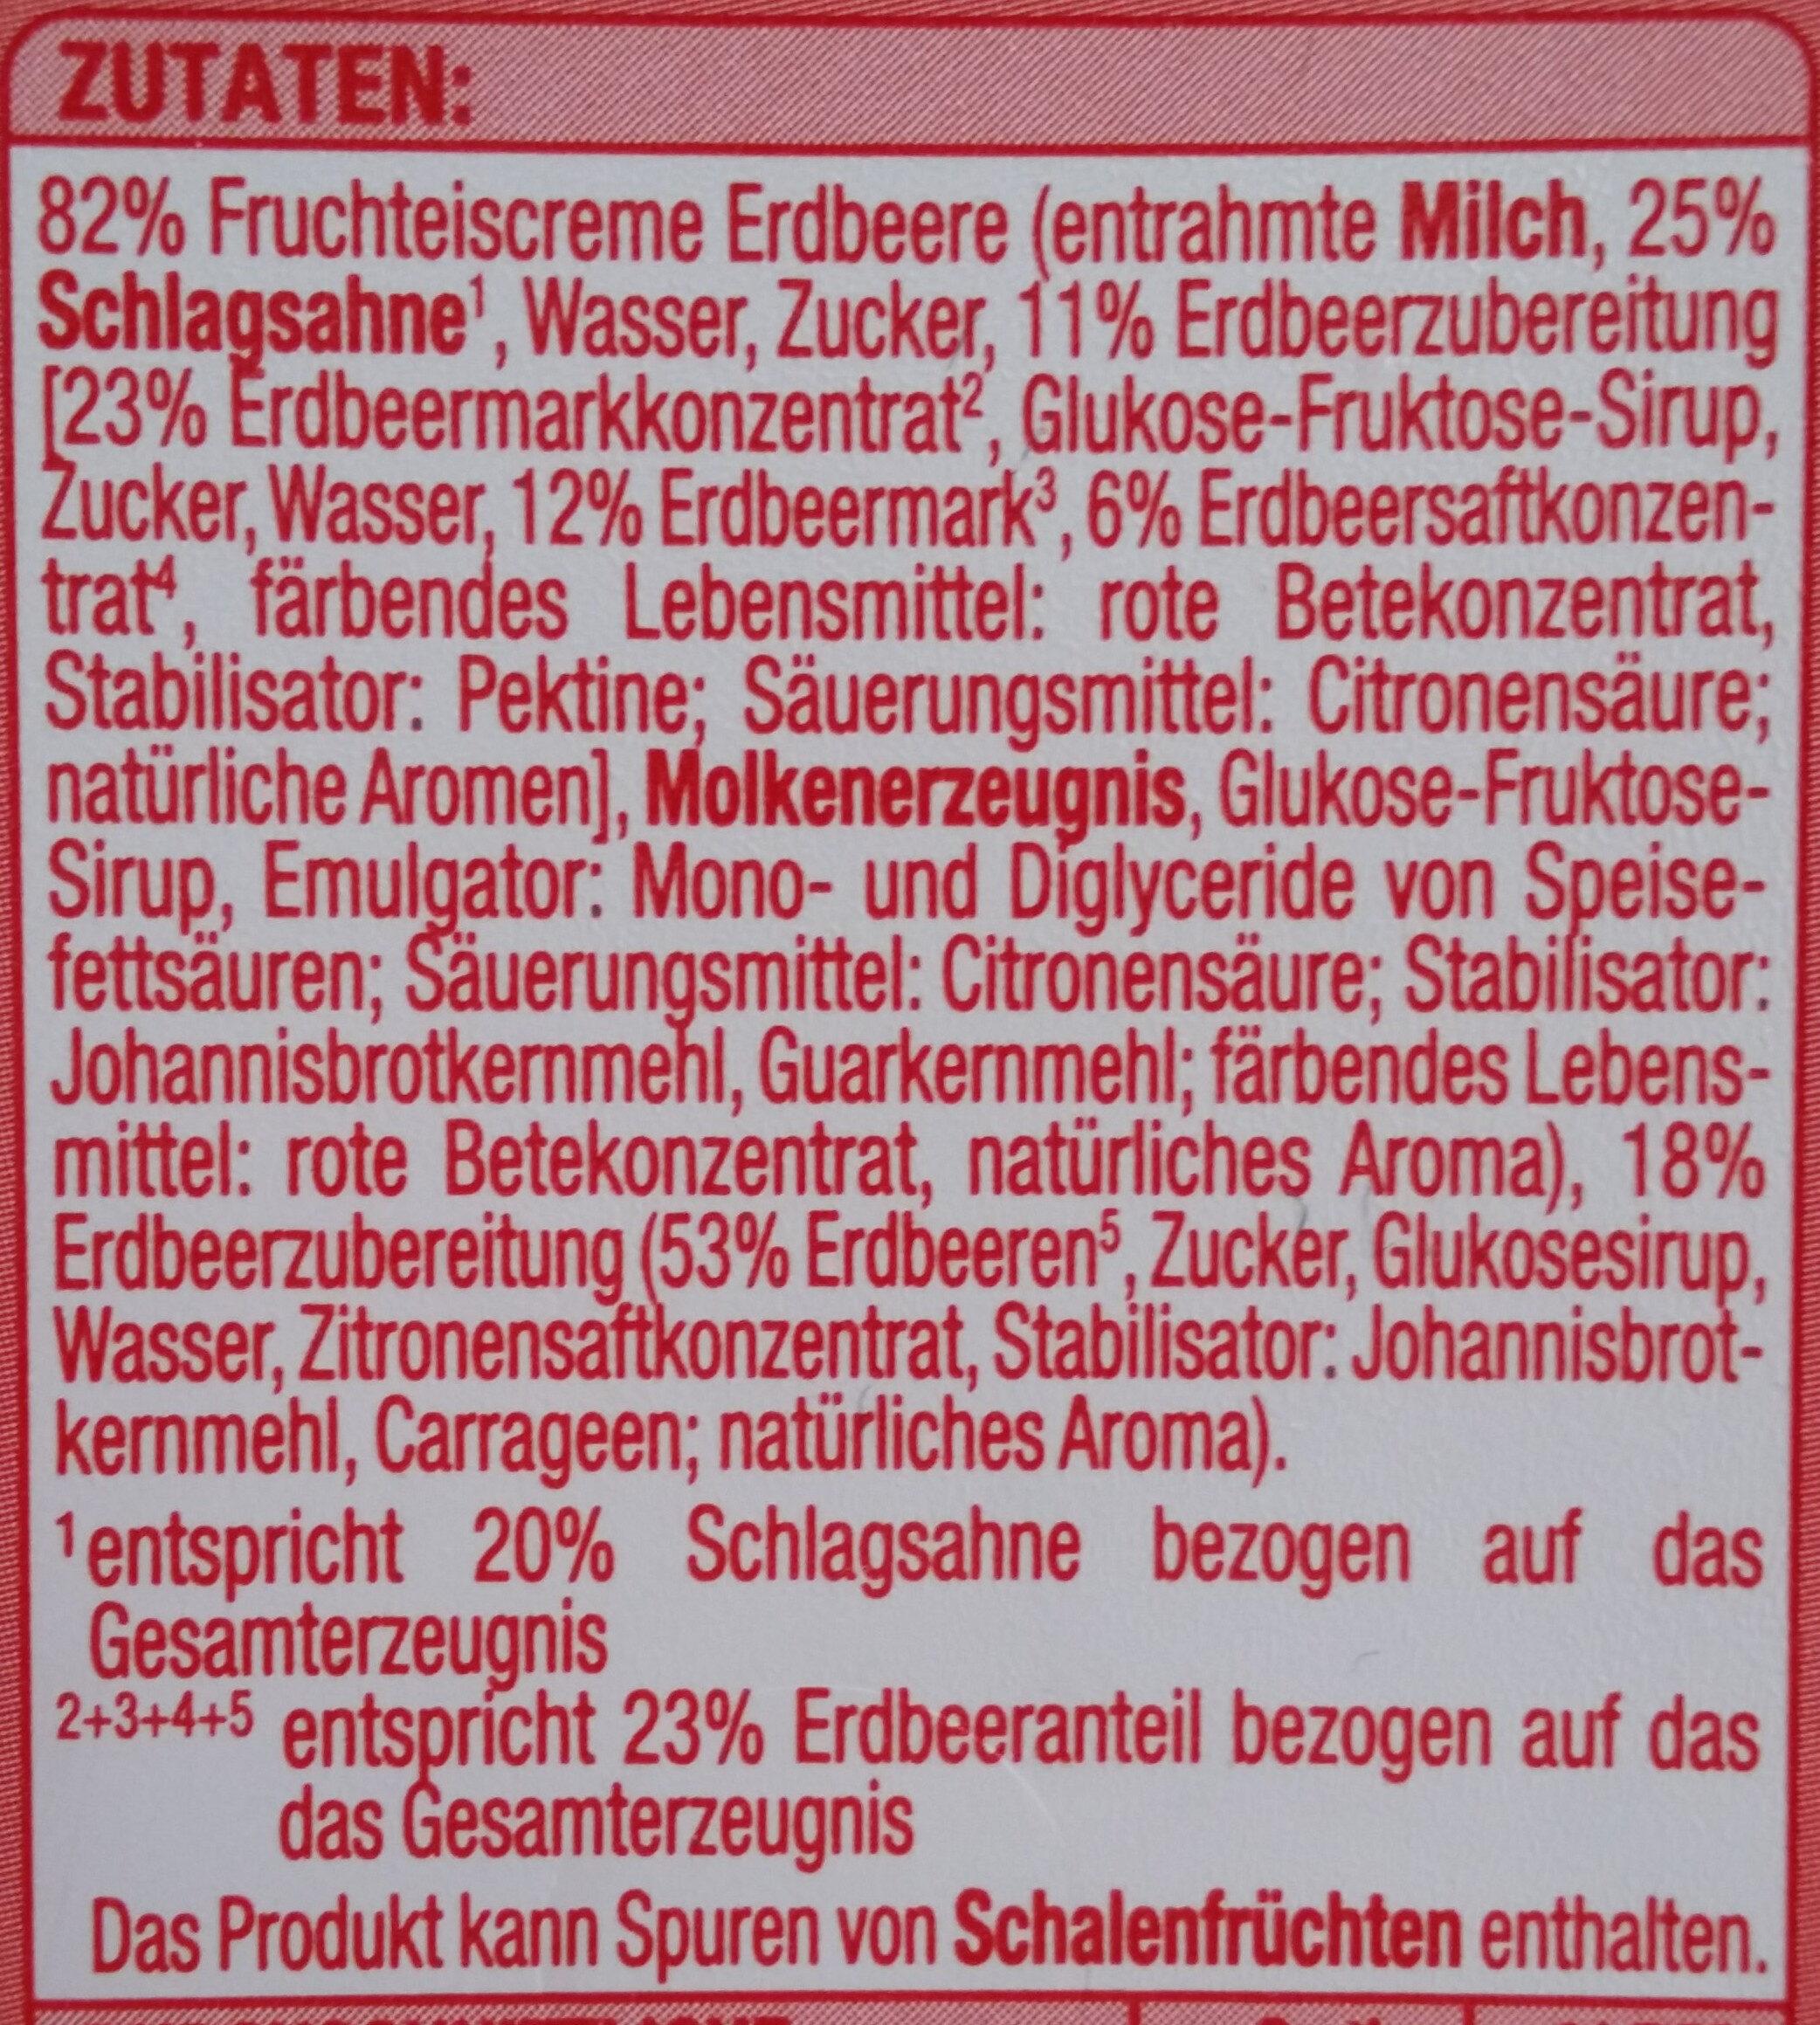 Fruchteiscreme Erdbeere - Ingredients - de